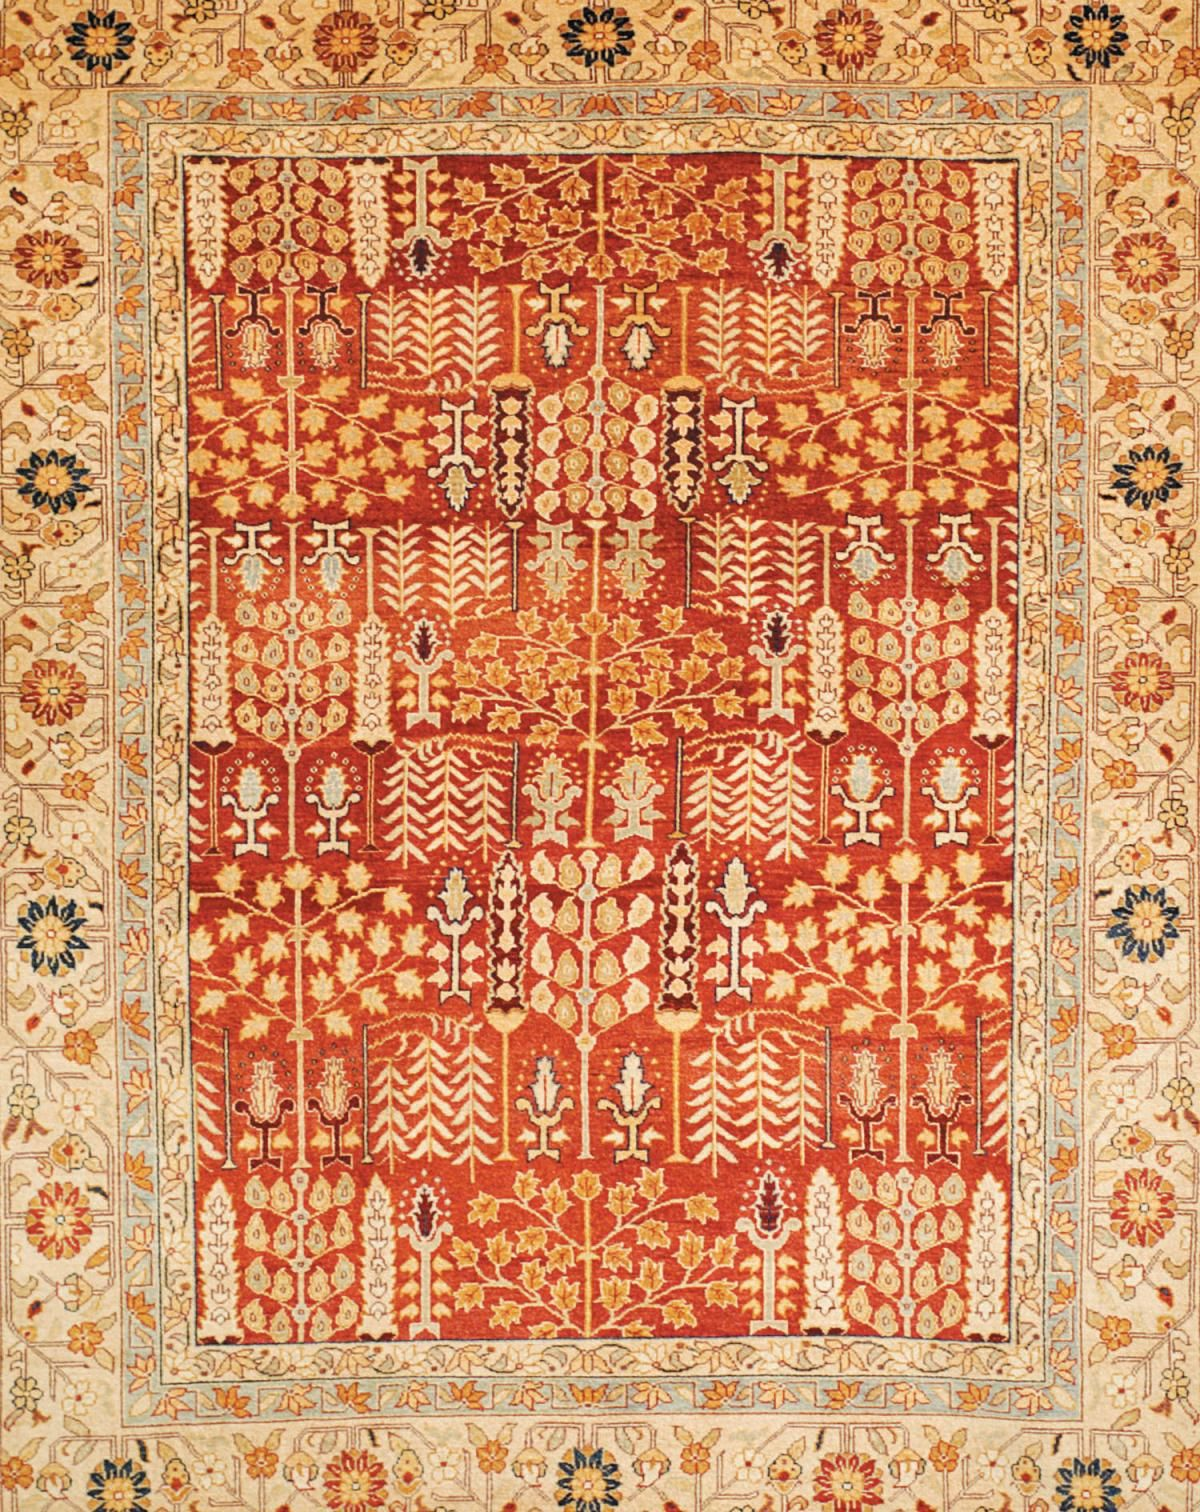 SR804A Orange Rugs, Colorful Rugs, Safavieh Rugs, Runner Rugs, Rugs On Carpet